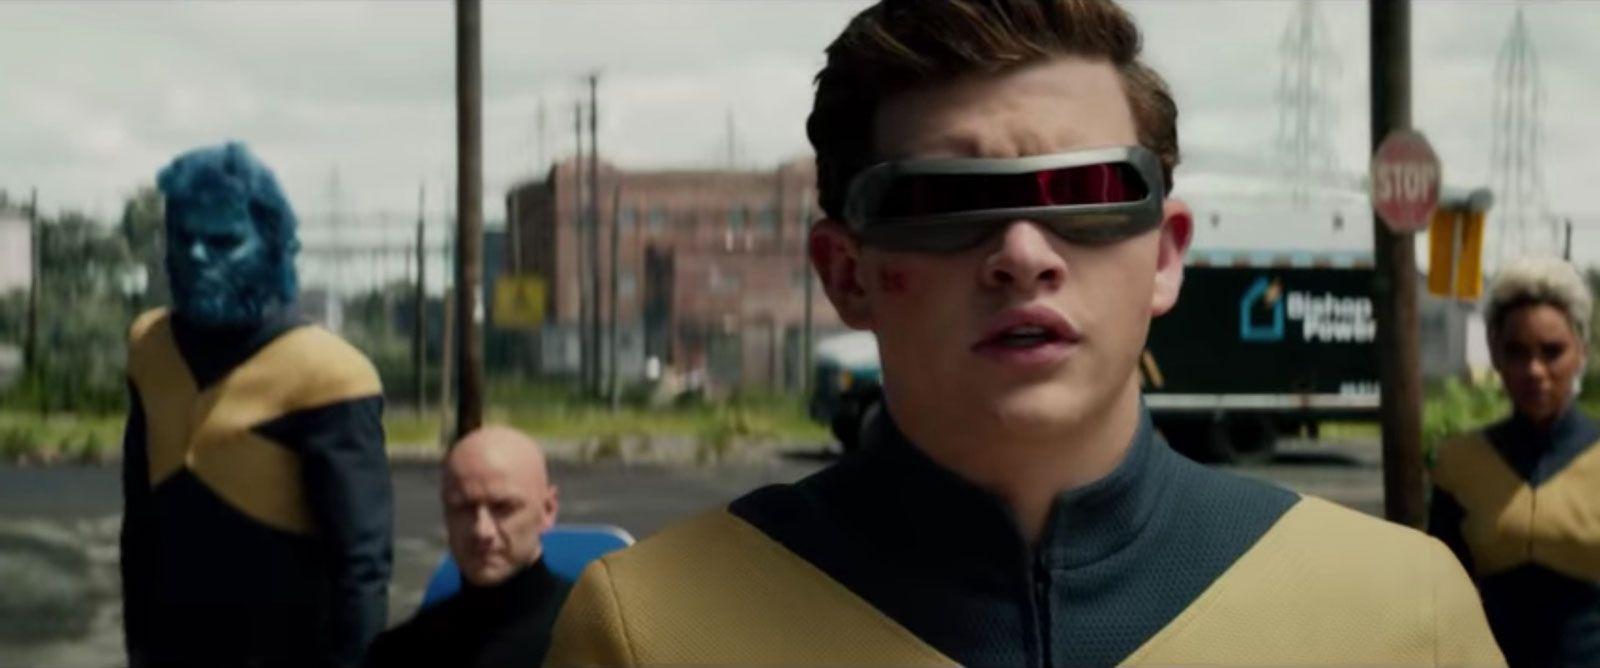 Resultado de imagem para x-men dark phoenix cyclops